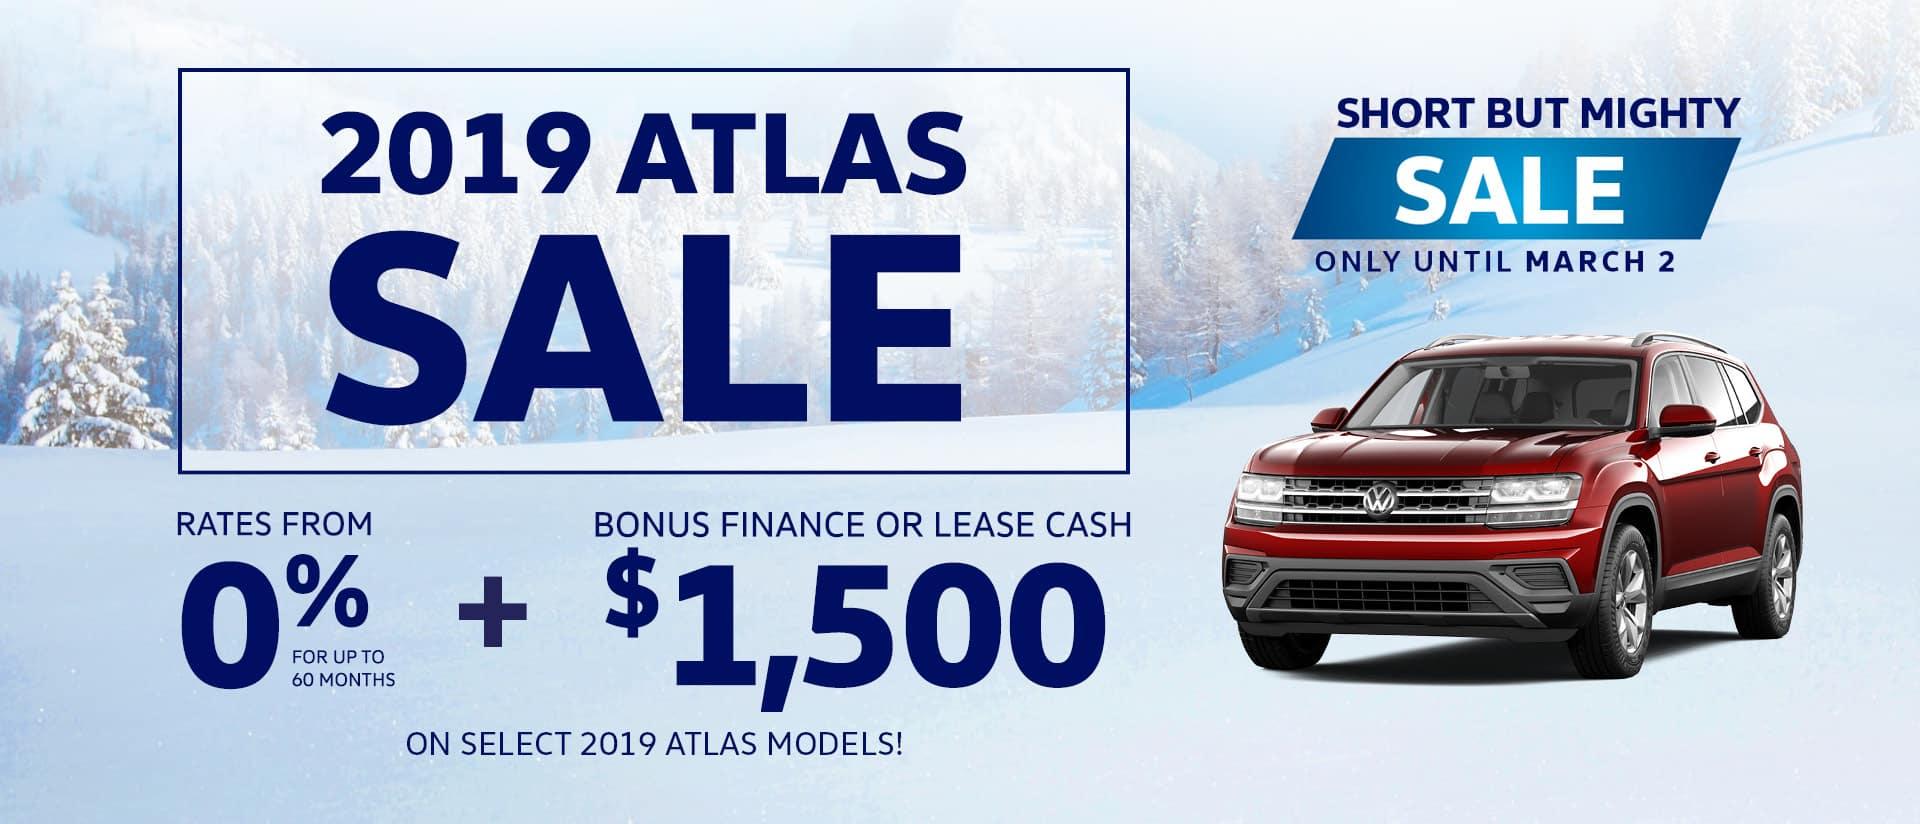 2019 Atlas Sale